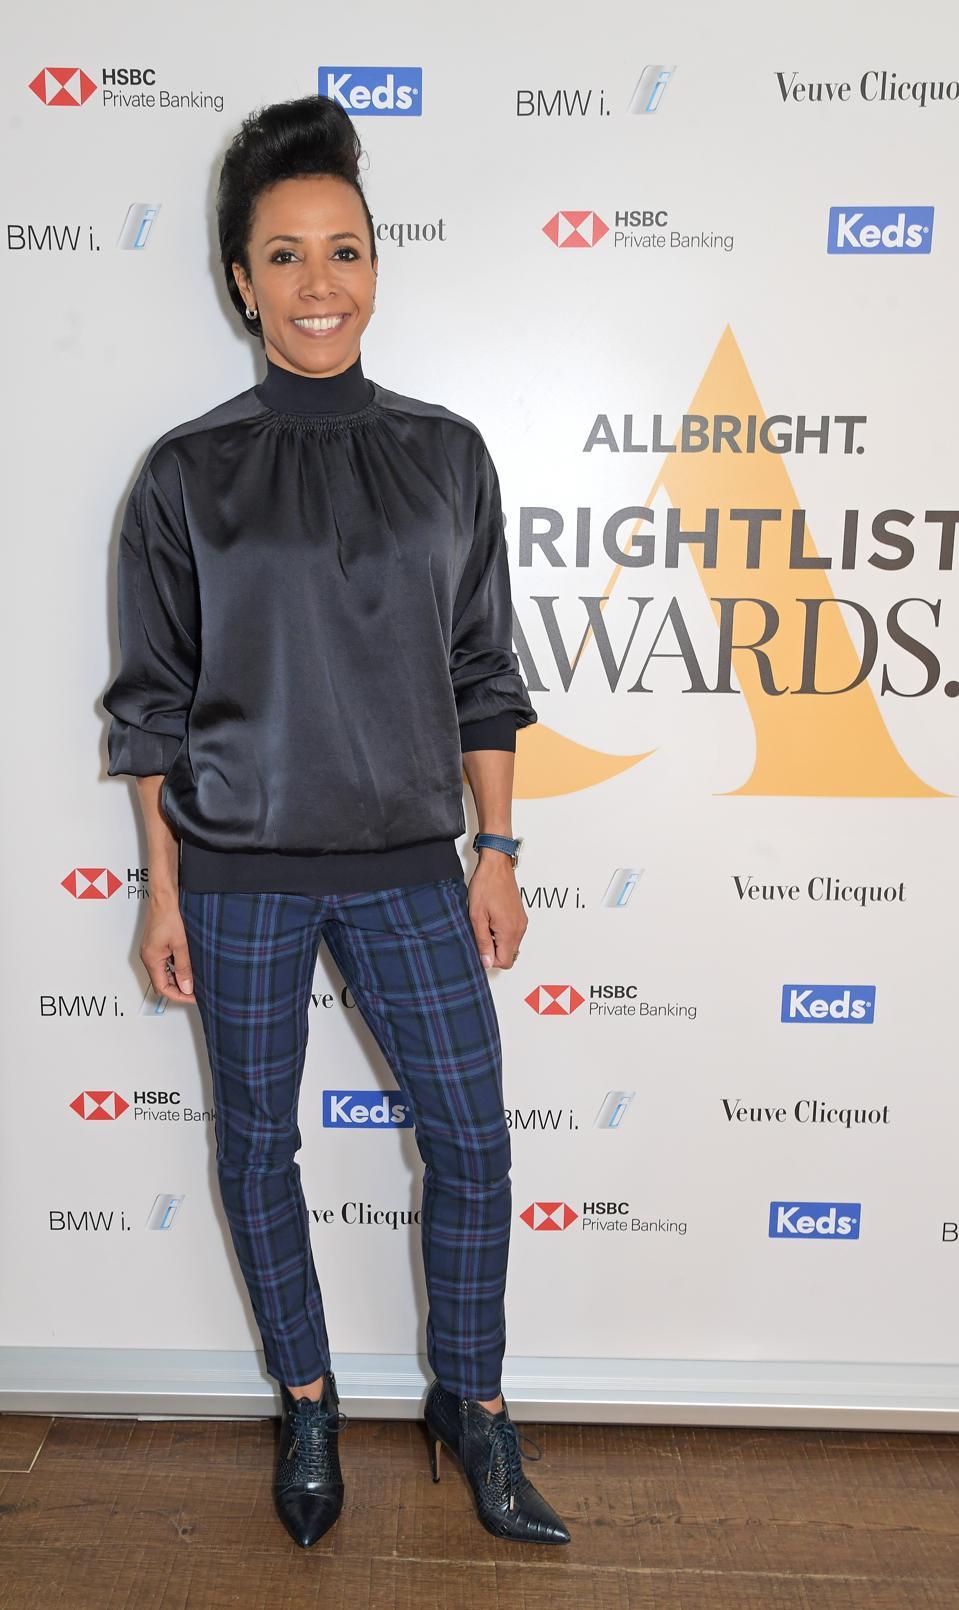 AllBright's BrightList Awards 2020